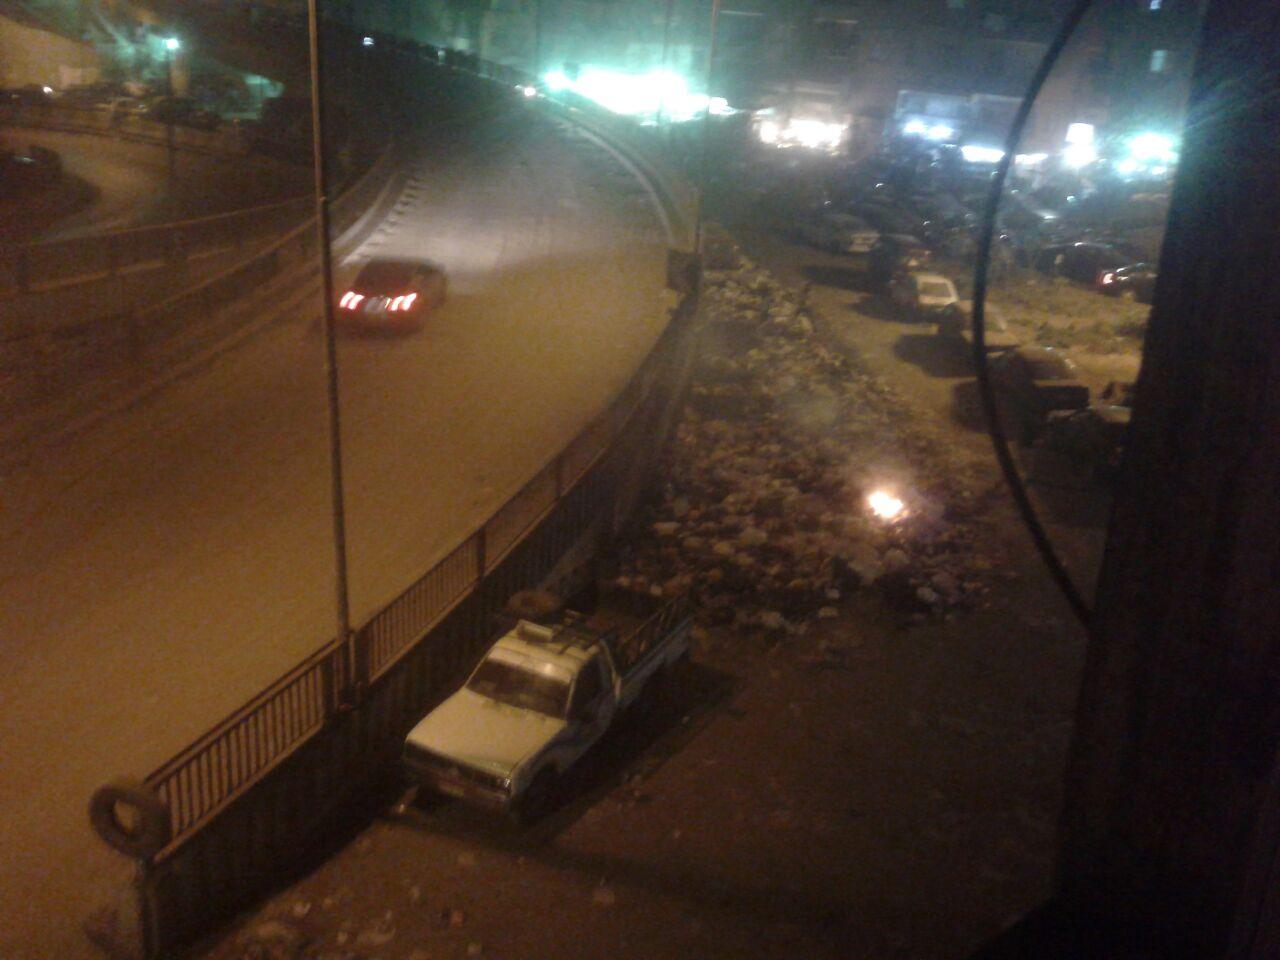 بالصور.. تراكم القمامة في بشتيل.. وحرقها قرب محور أحمد عرابي